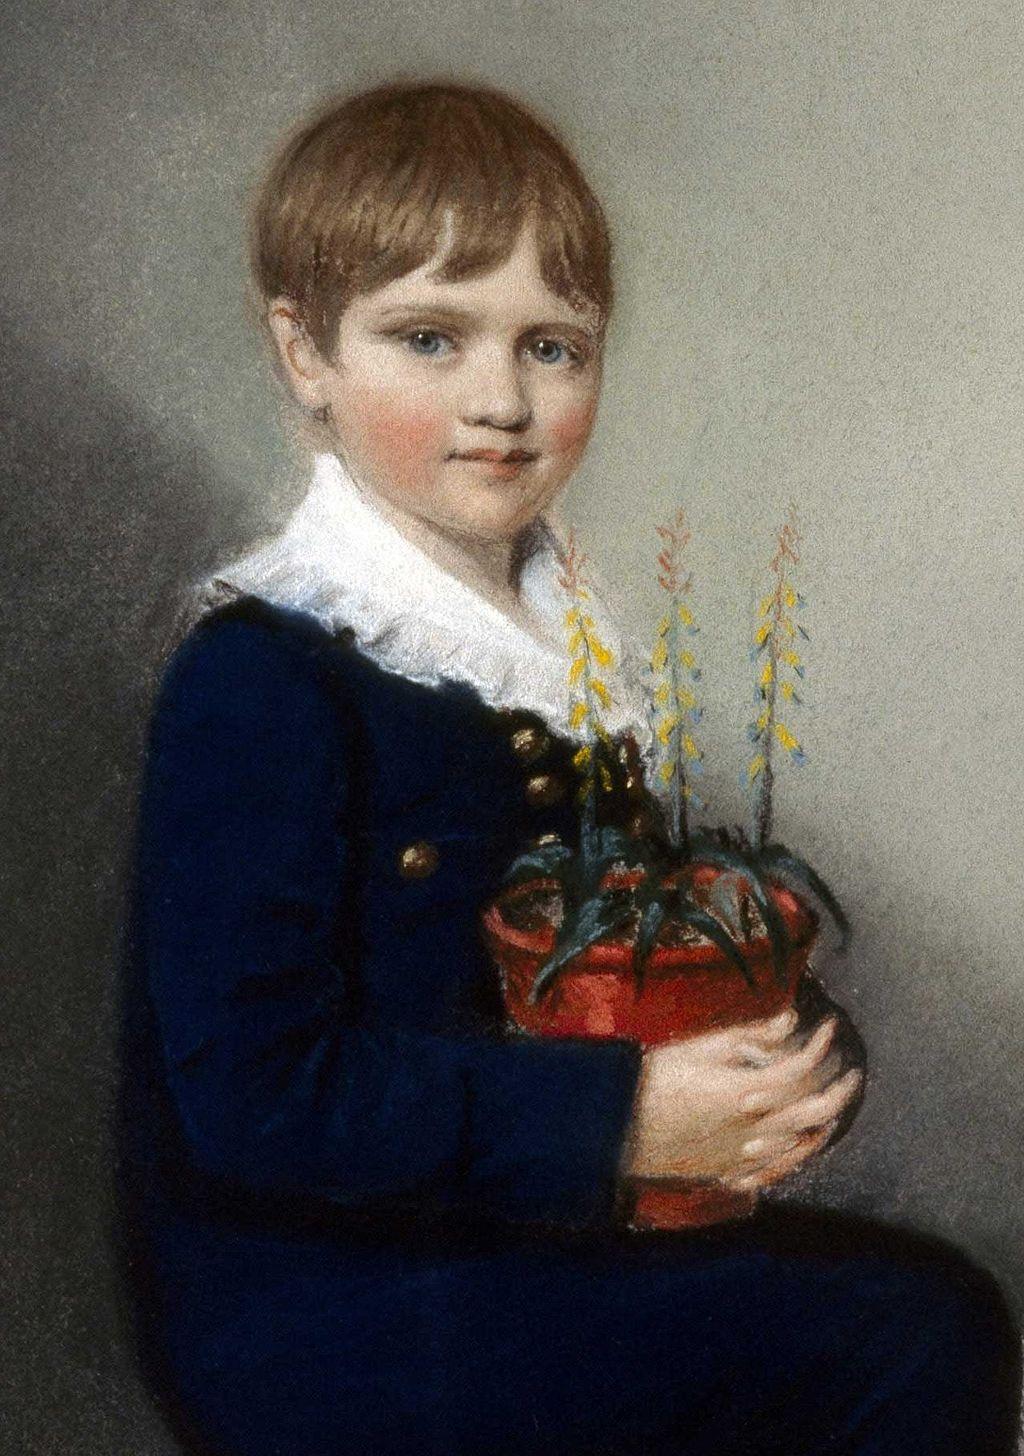 7歳のチャールズ・ダーウィン。母が死去する一年前。